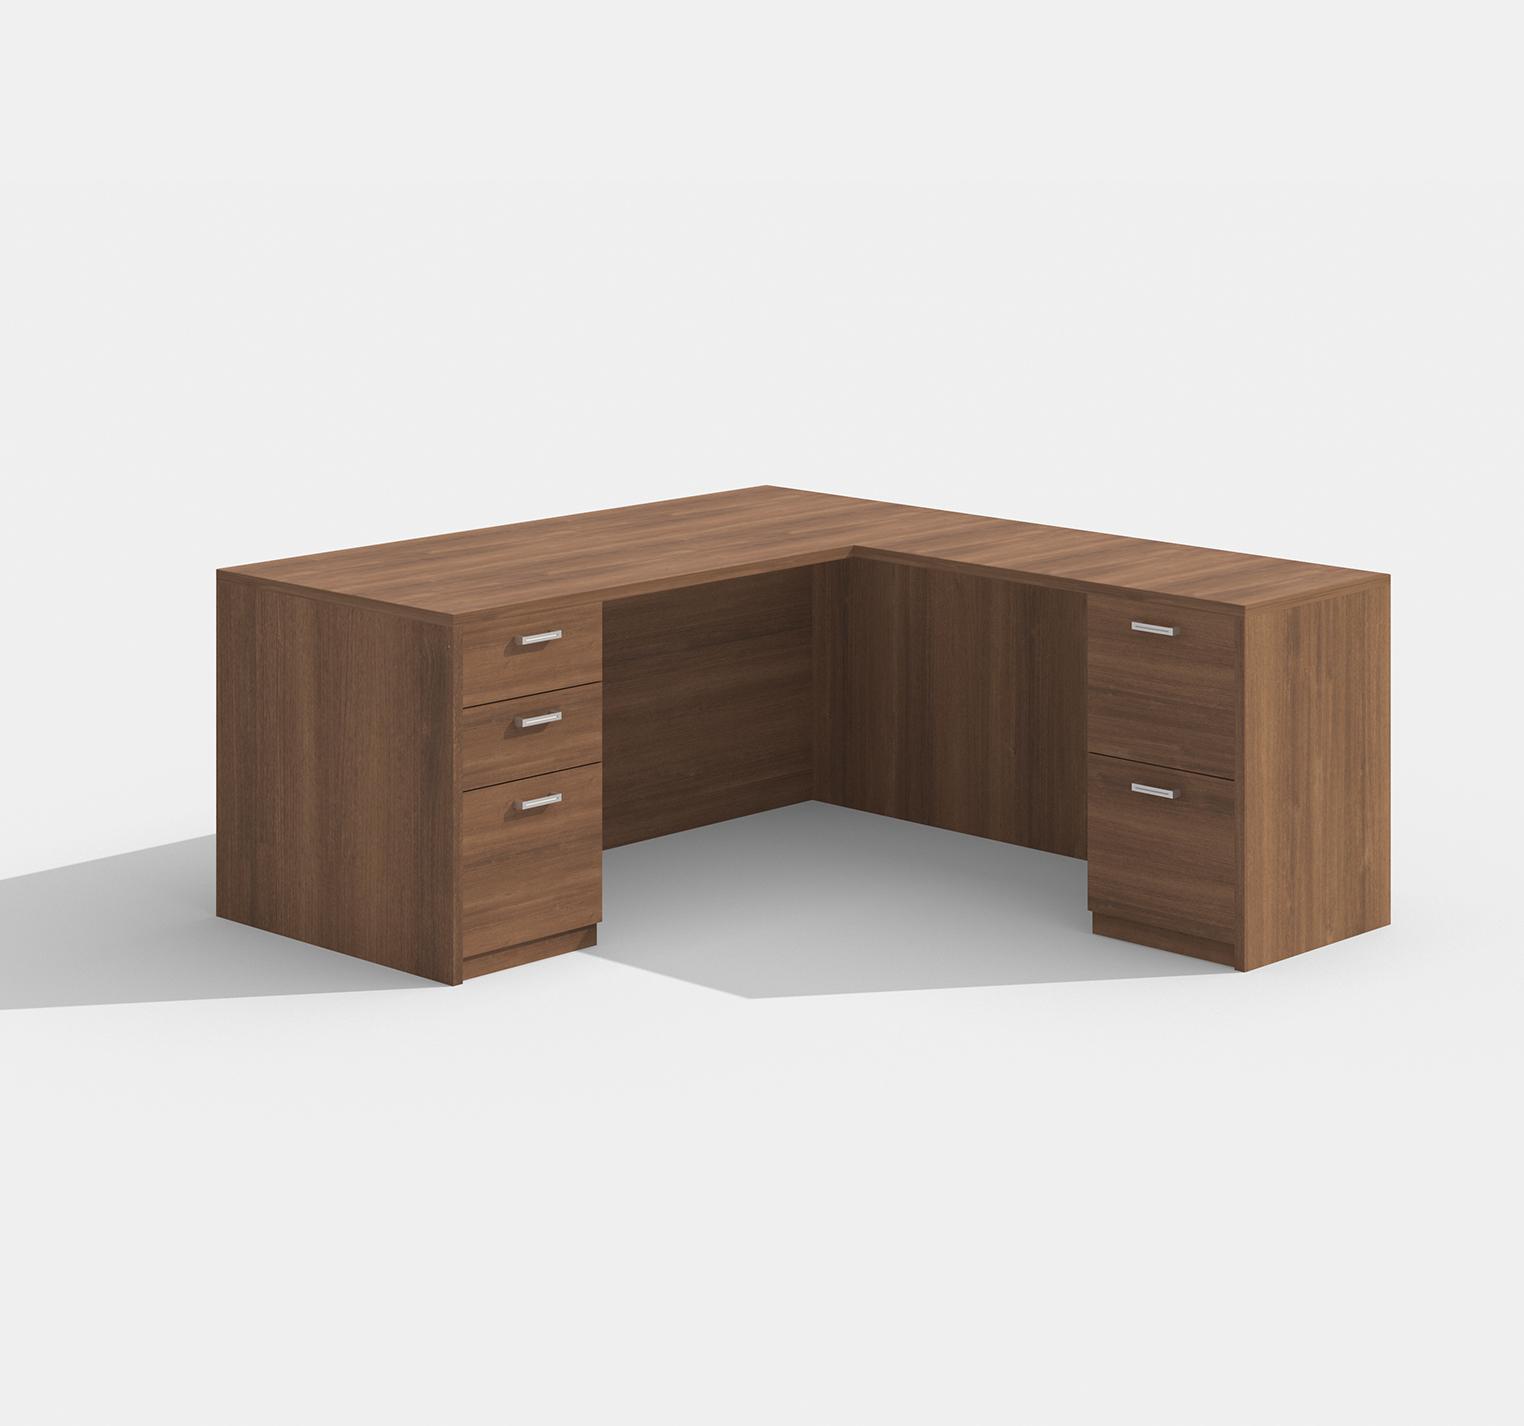 cherryman amber l-desk am-314n in walnut